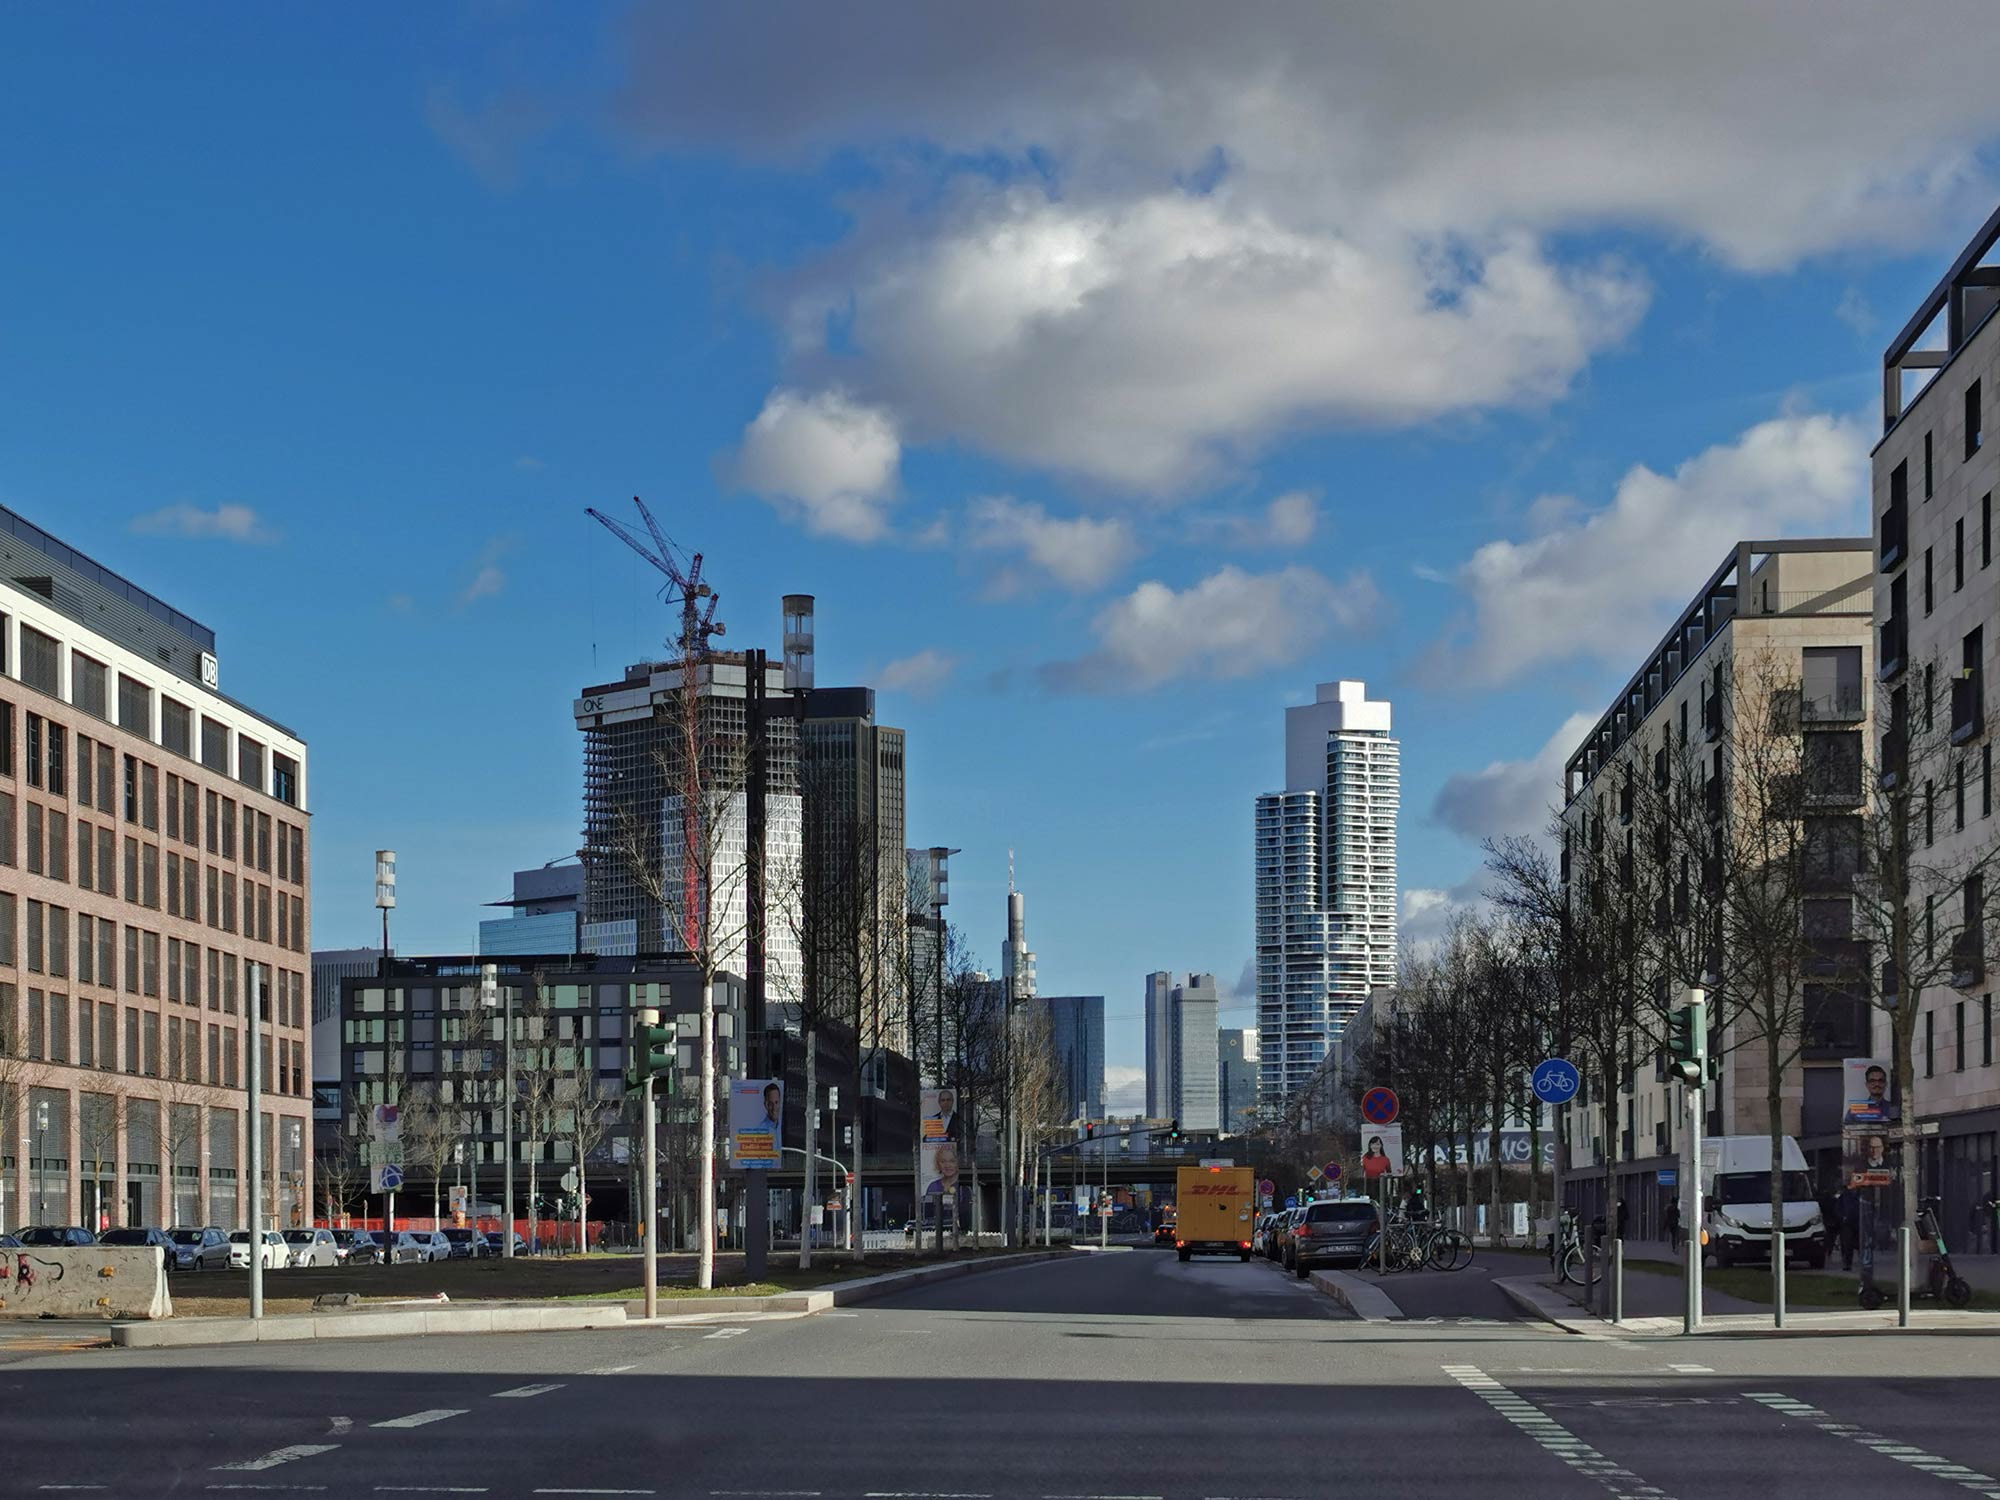 Europaviertel Frankfurt am Main - Europa Viertel FFM - im Februar 2021